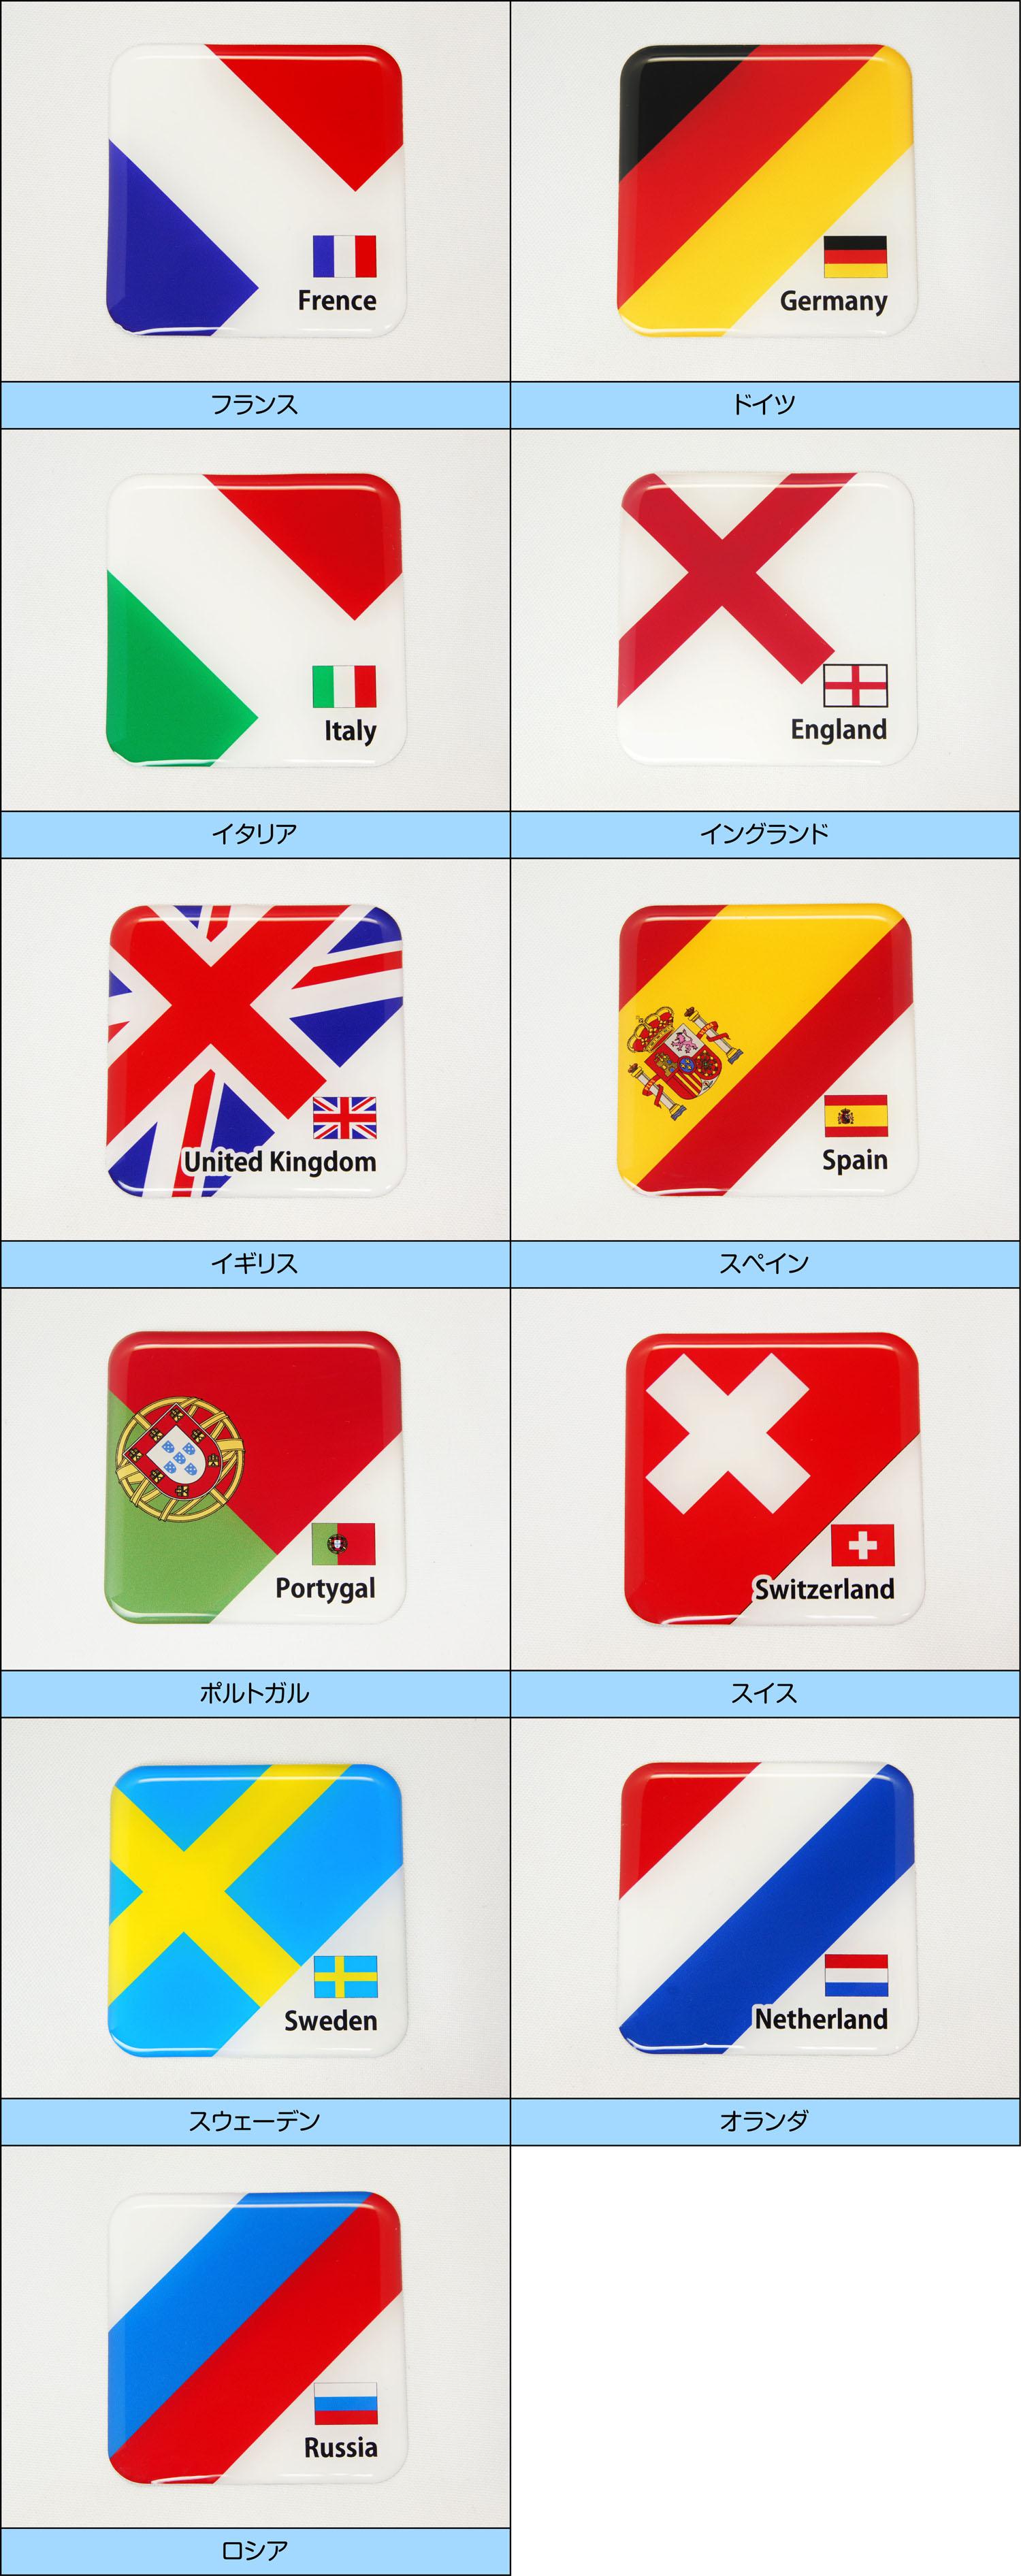 世界の国旗ヨーロッパ地区 一覧